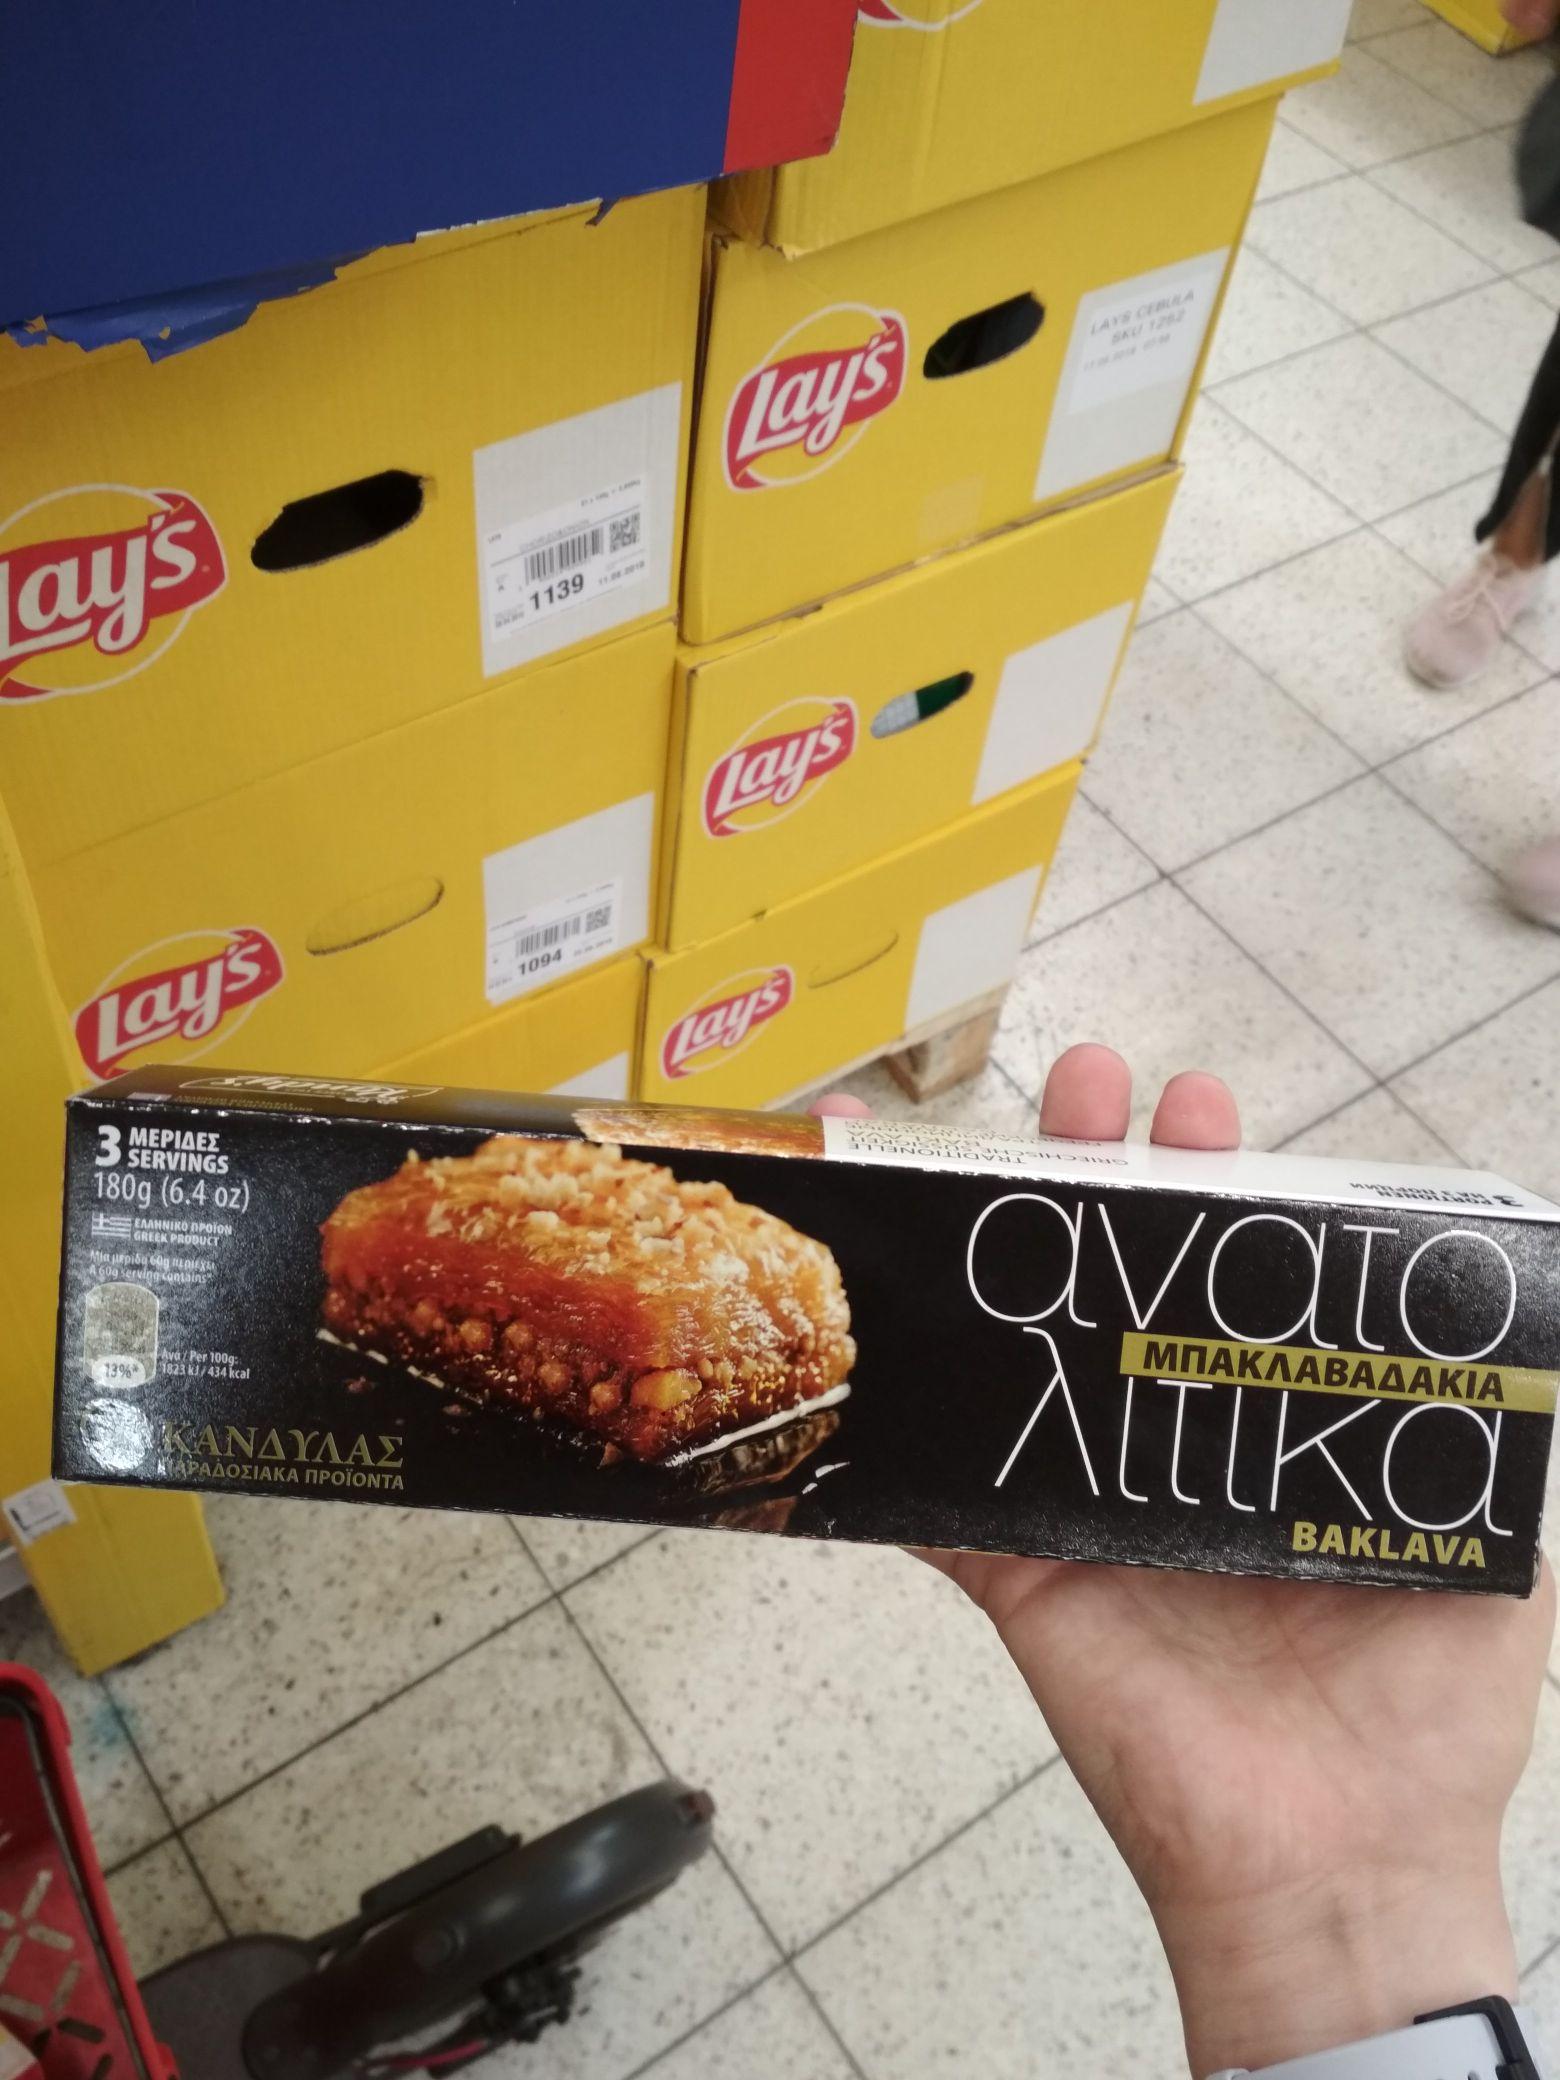 Baklava 3x60g, produkcja z Grecji @Tesco